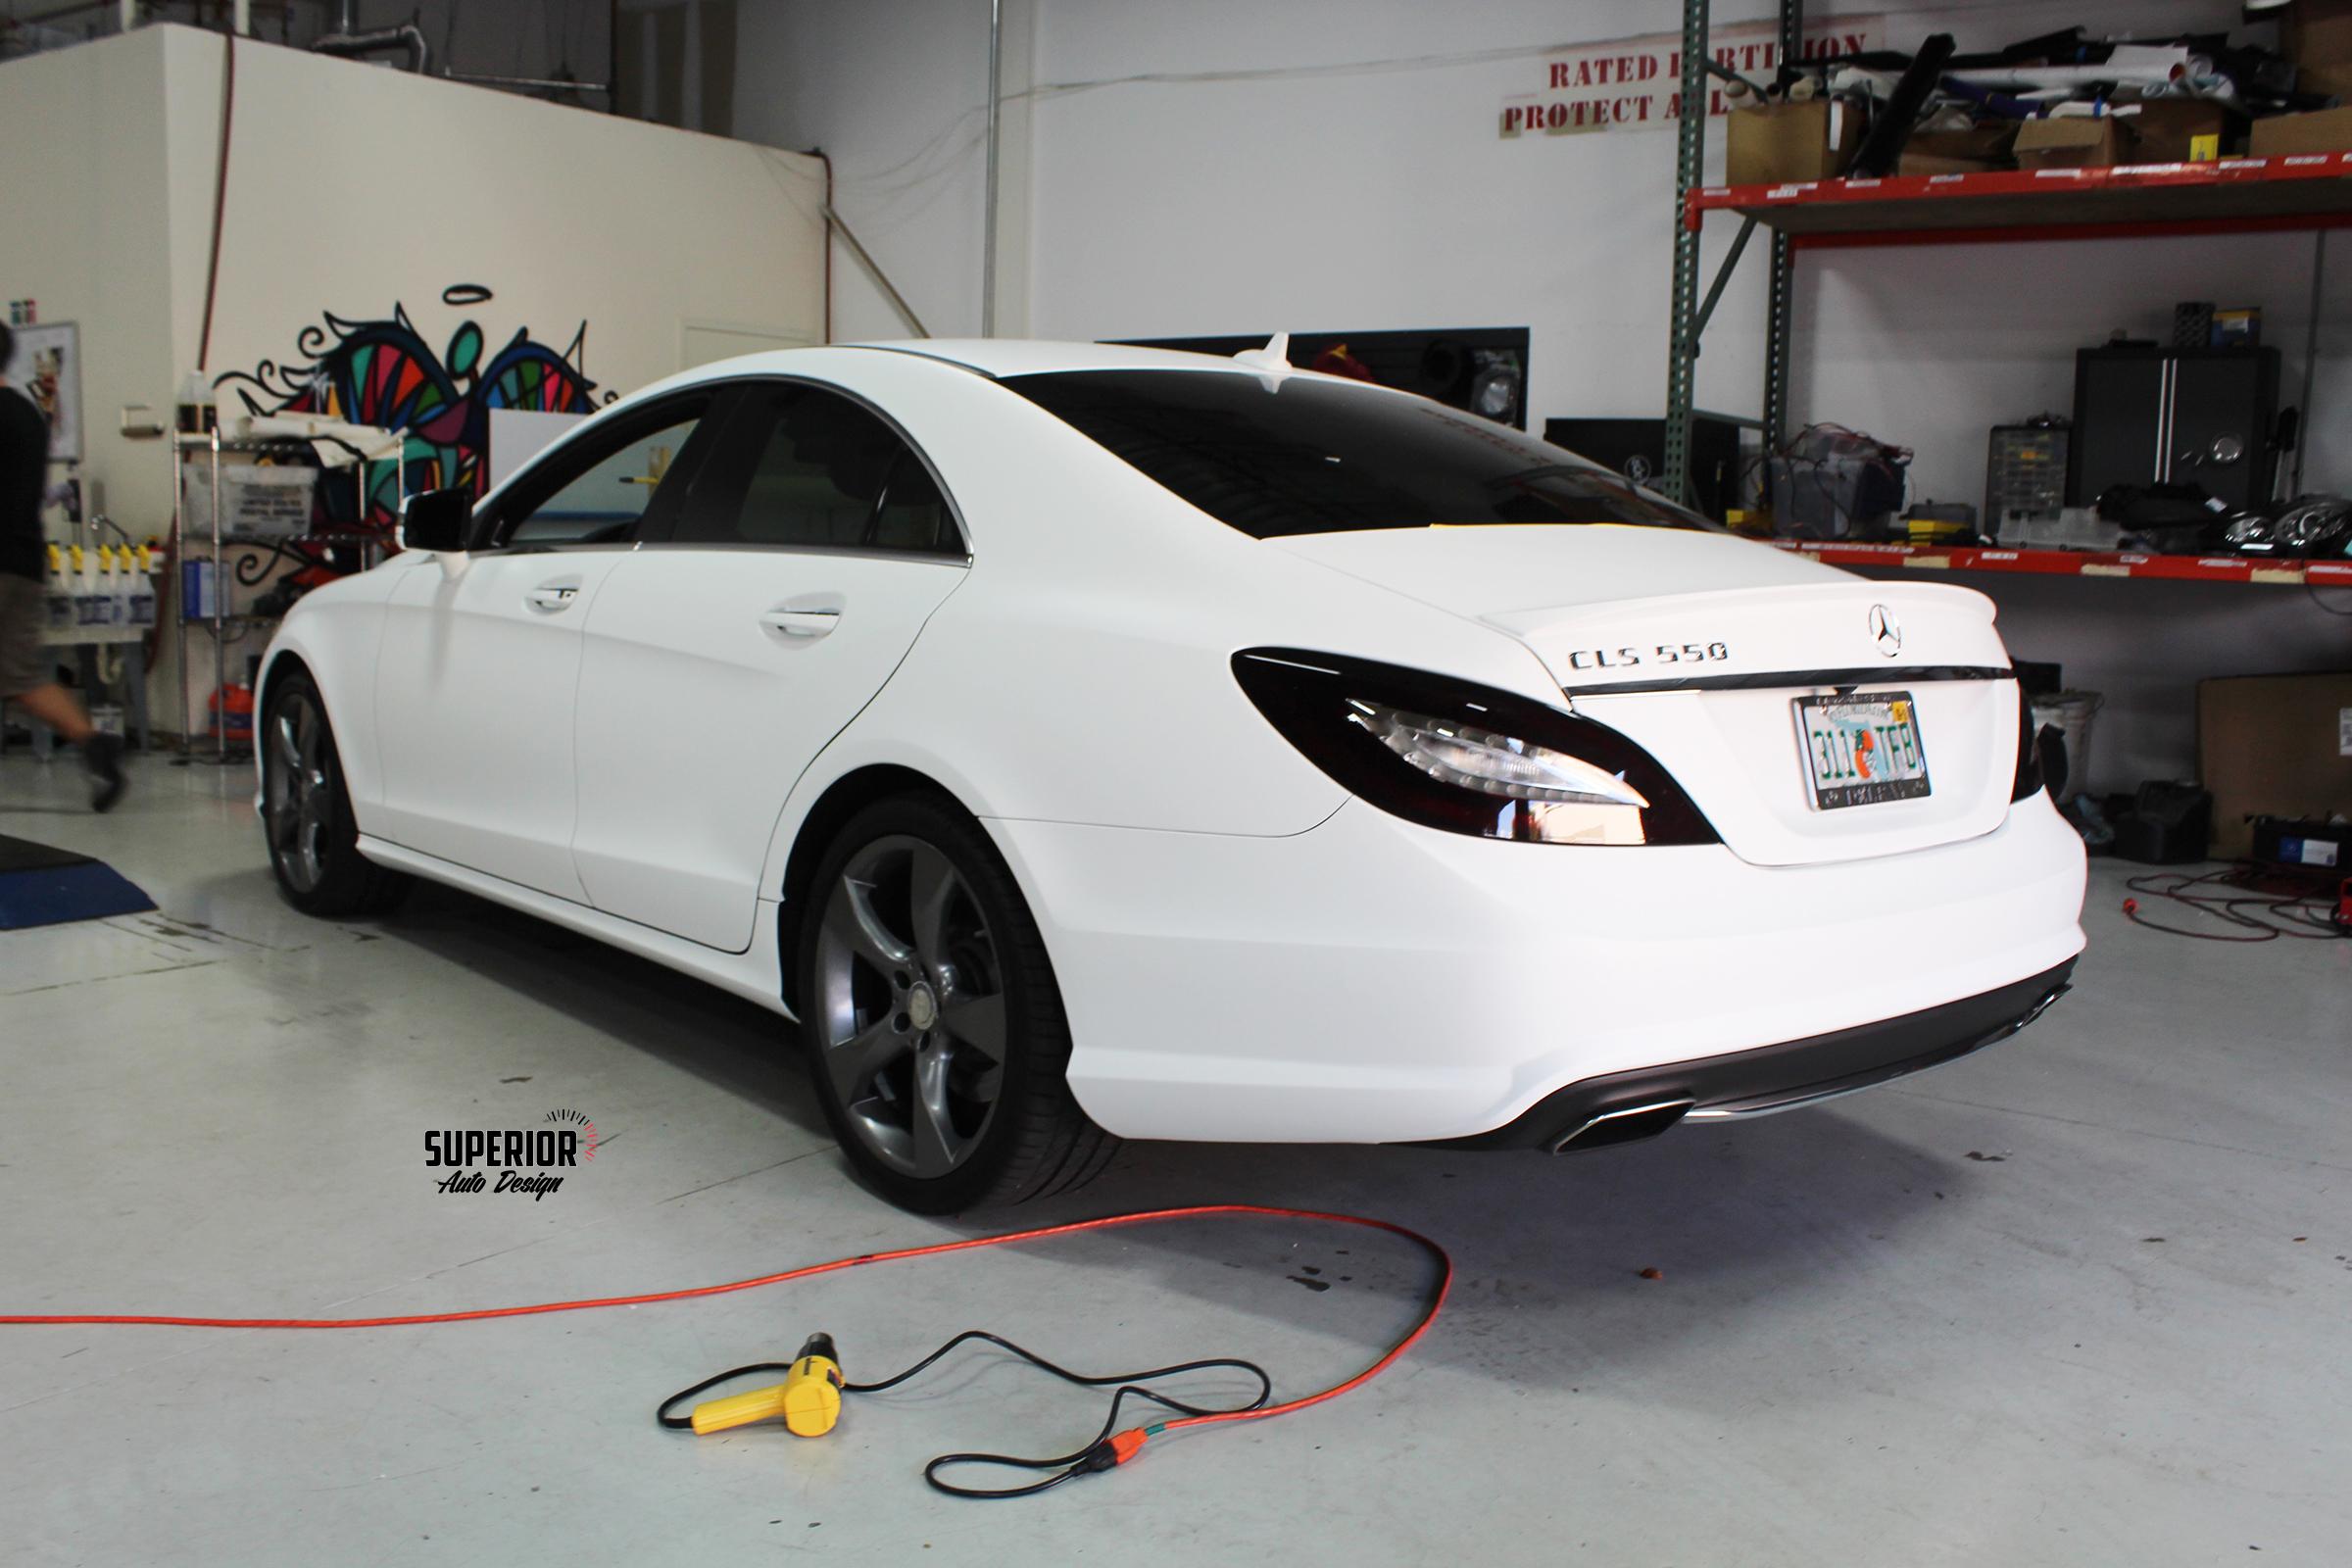 cls-550-superior-auto-design-7